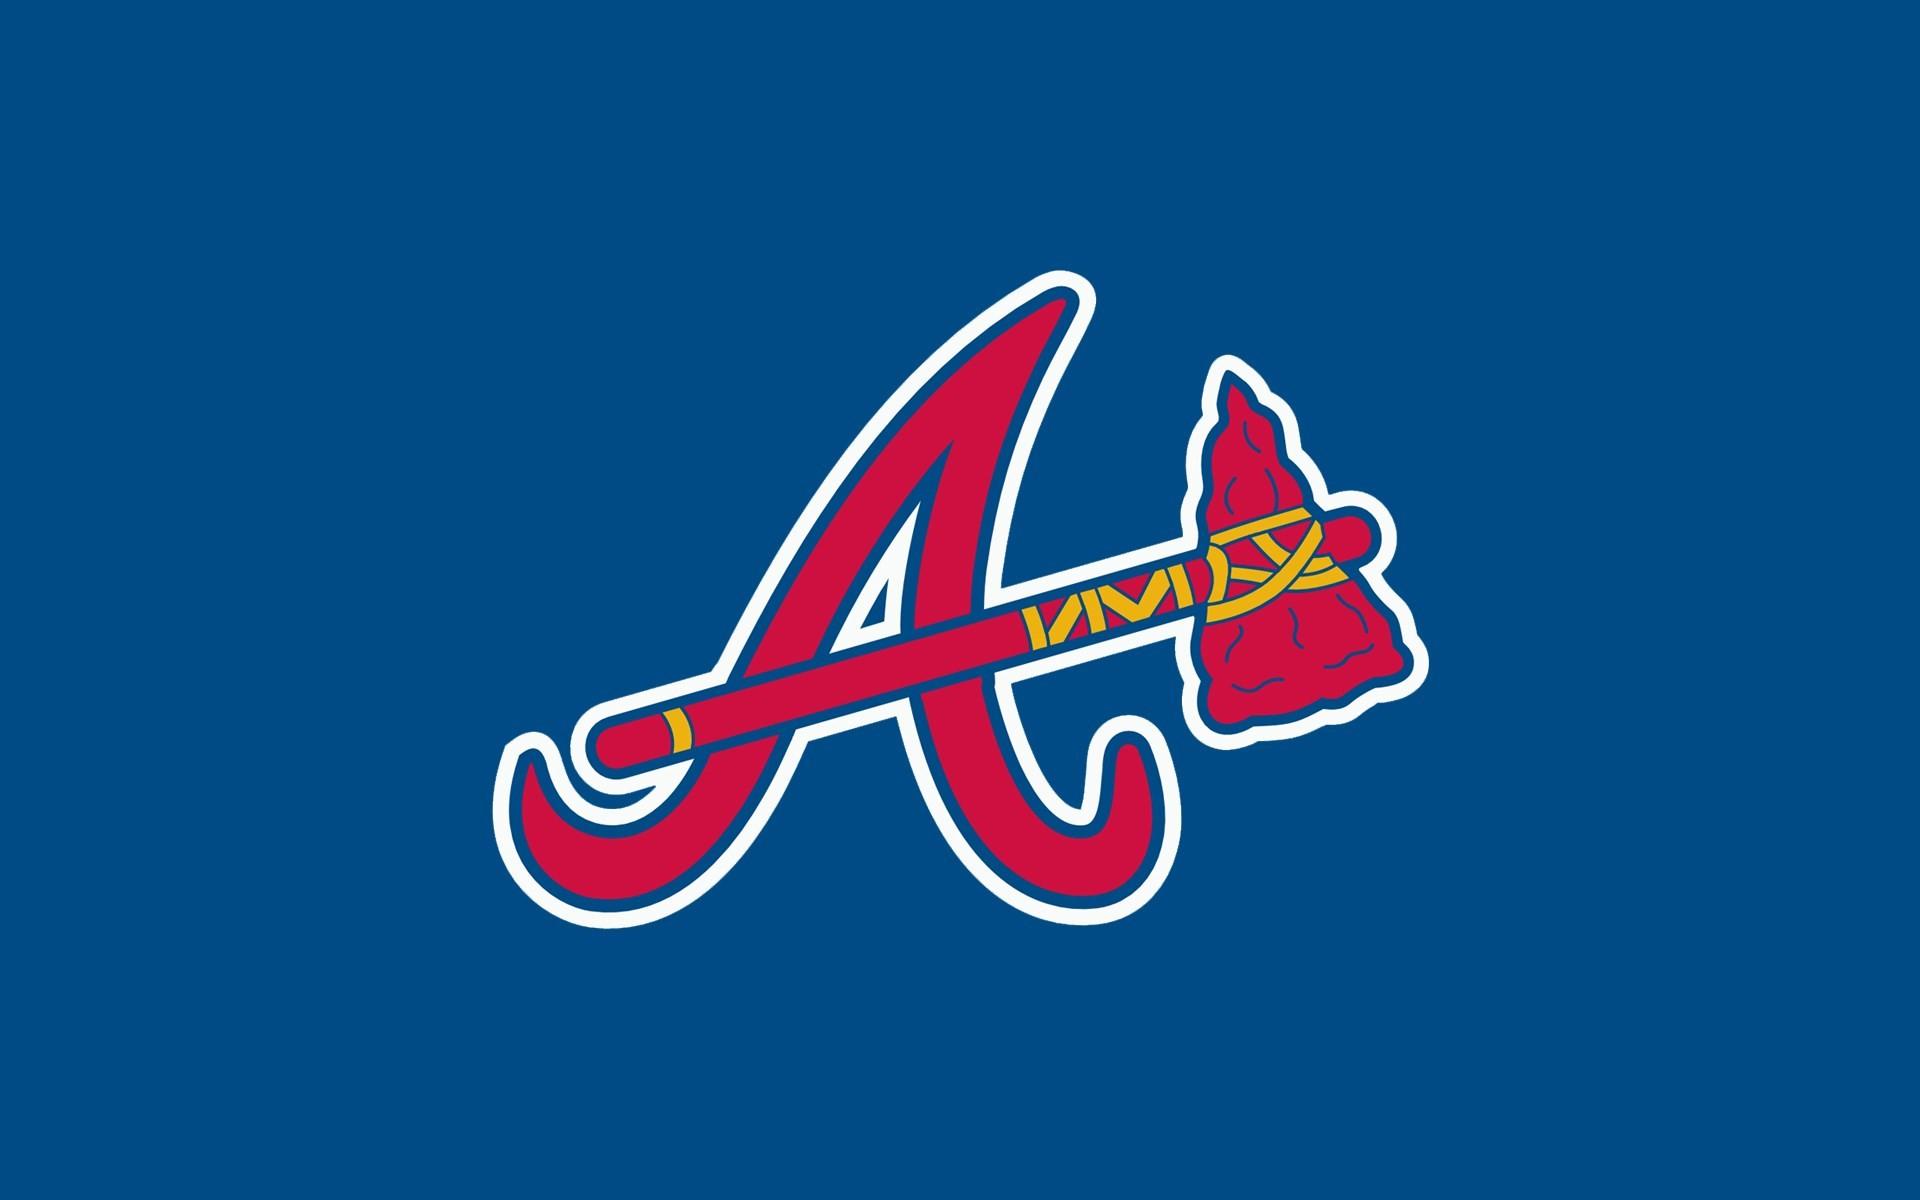 Sports Desktop Wallpapers a Atlanta Braves Pic | HD Wallpapers | Pinterest  | Hd wallpaper and Wallpaper